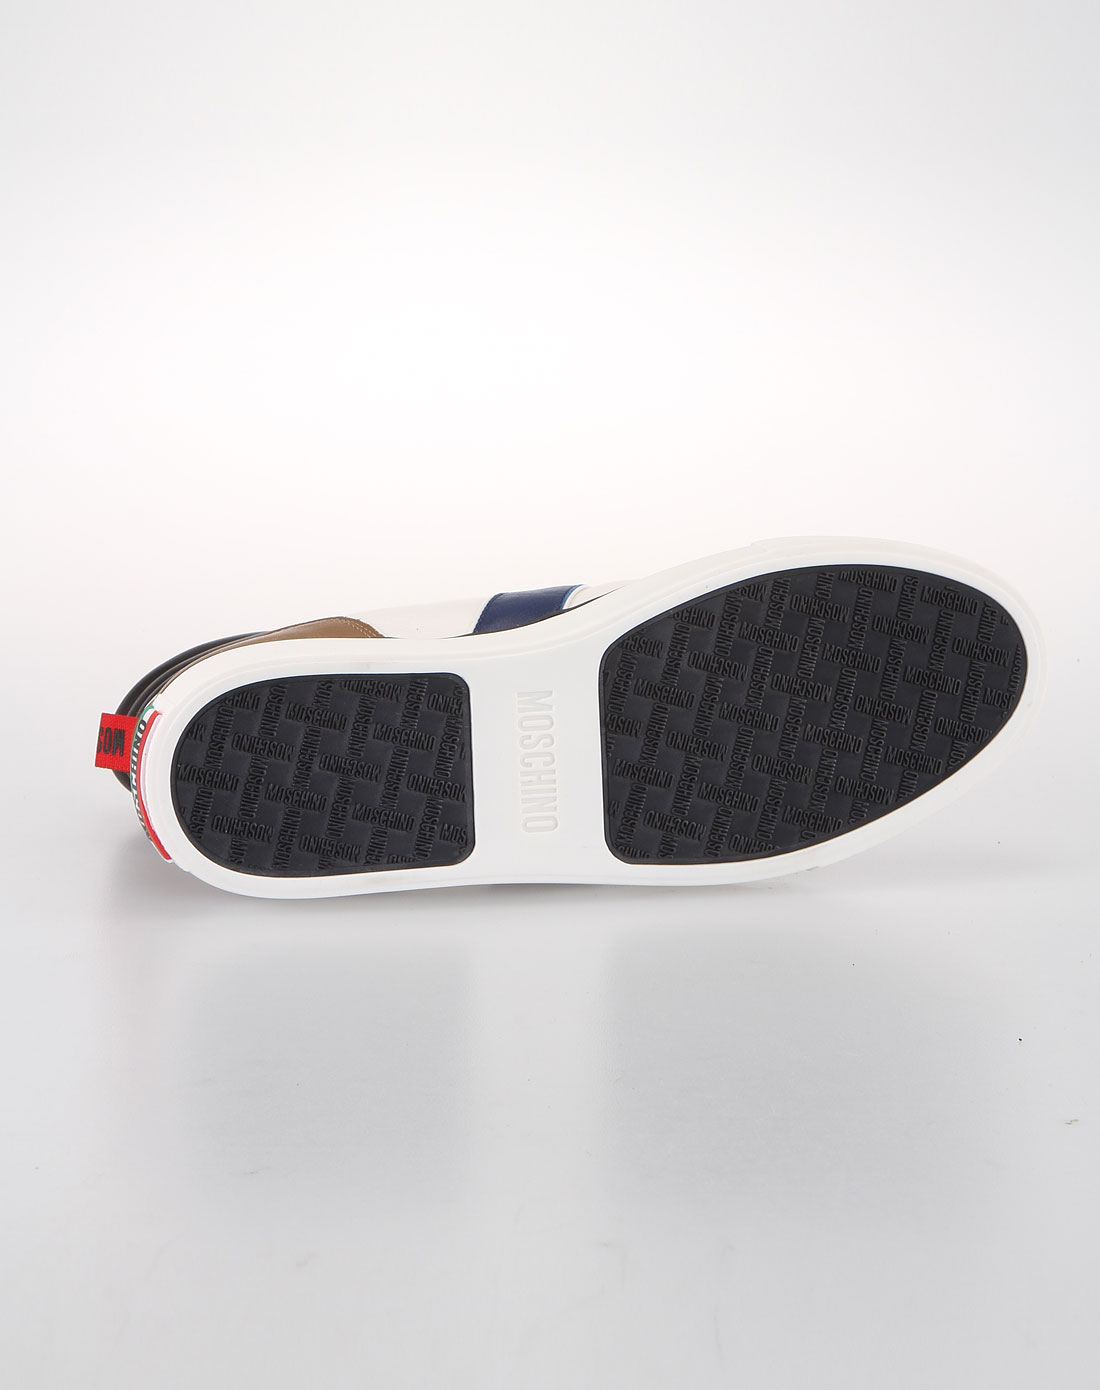 男士名鞋moschino 2012最新款-男士高帮白色休闲鞋